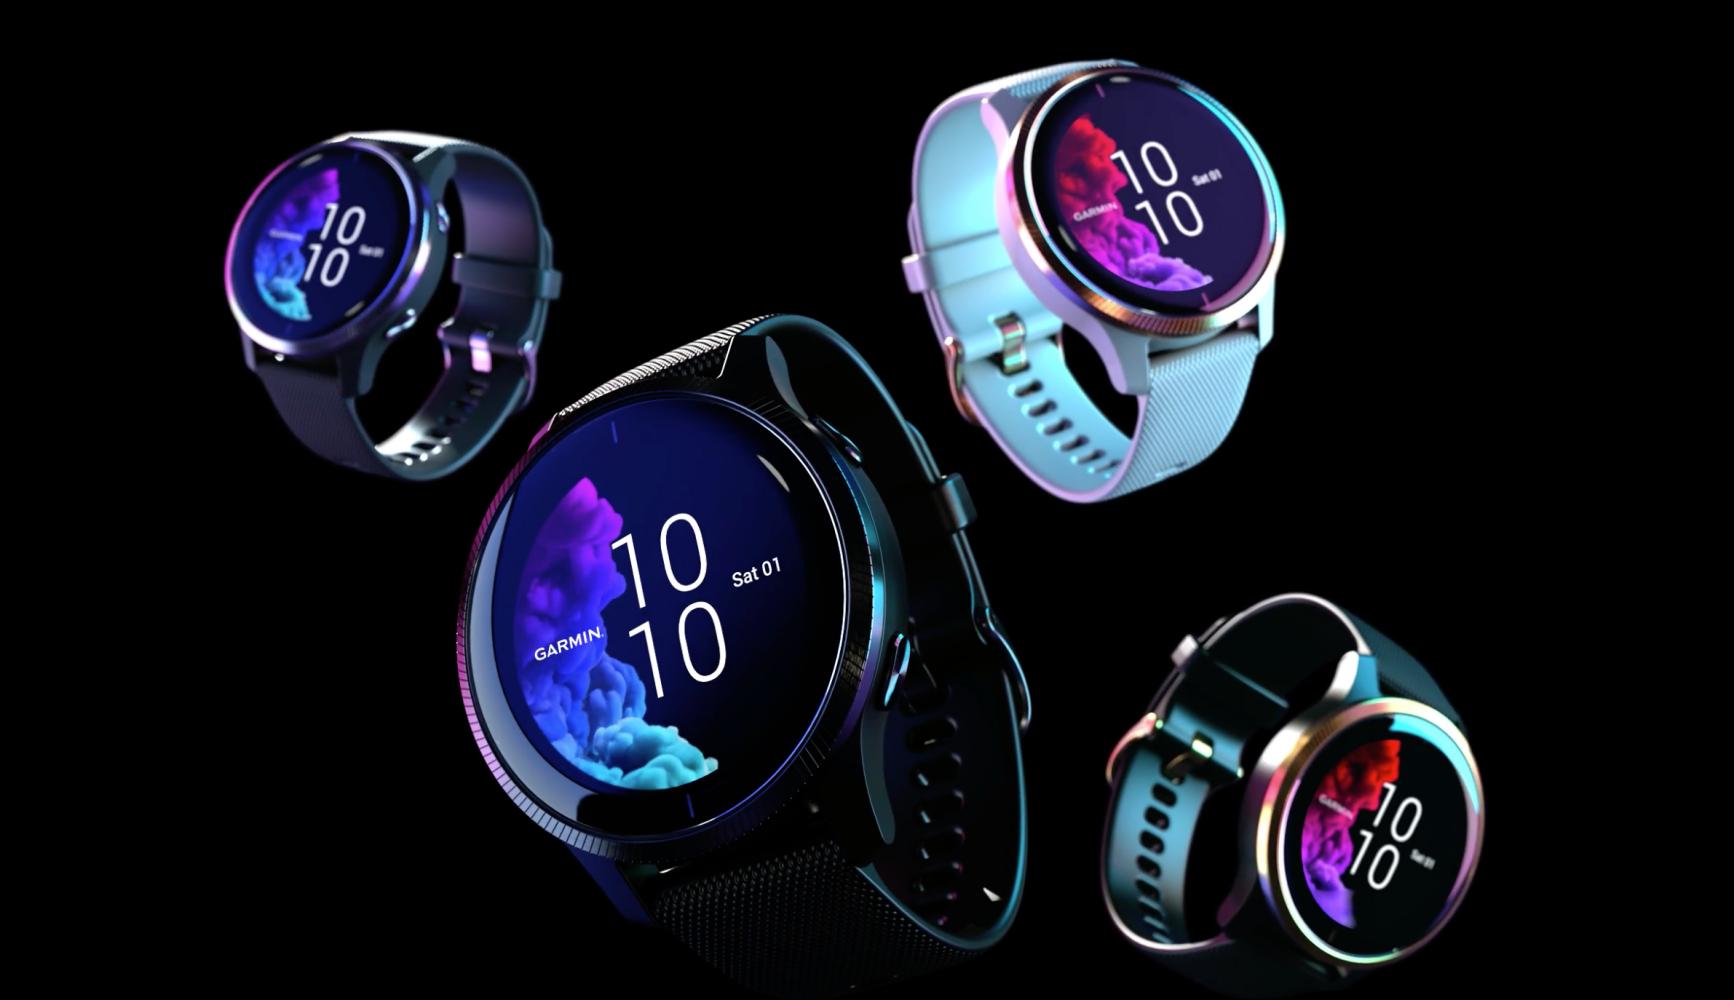 [IFA 2019] Garmin pokazał funkcjonalne smartwatche, które mogą się podobać 19